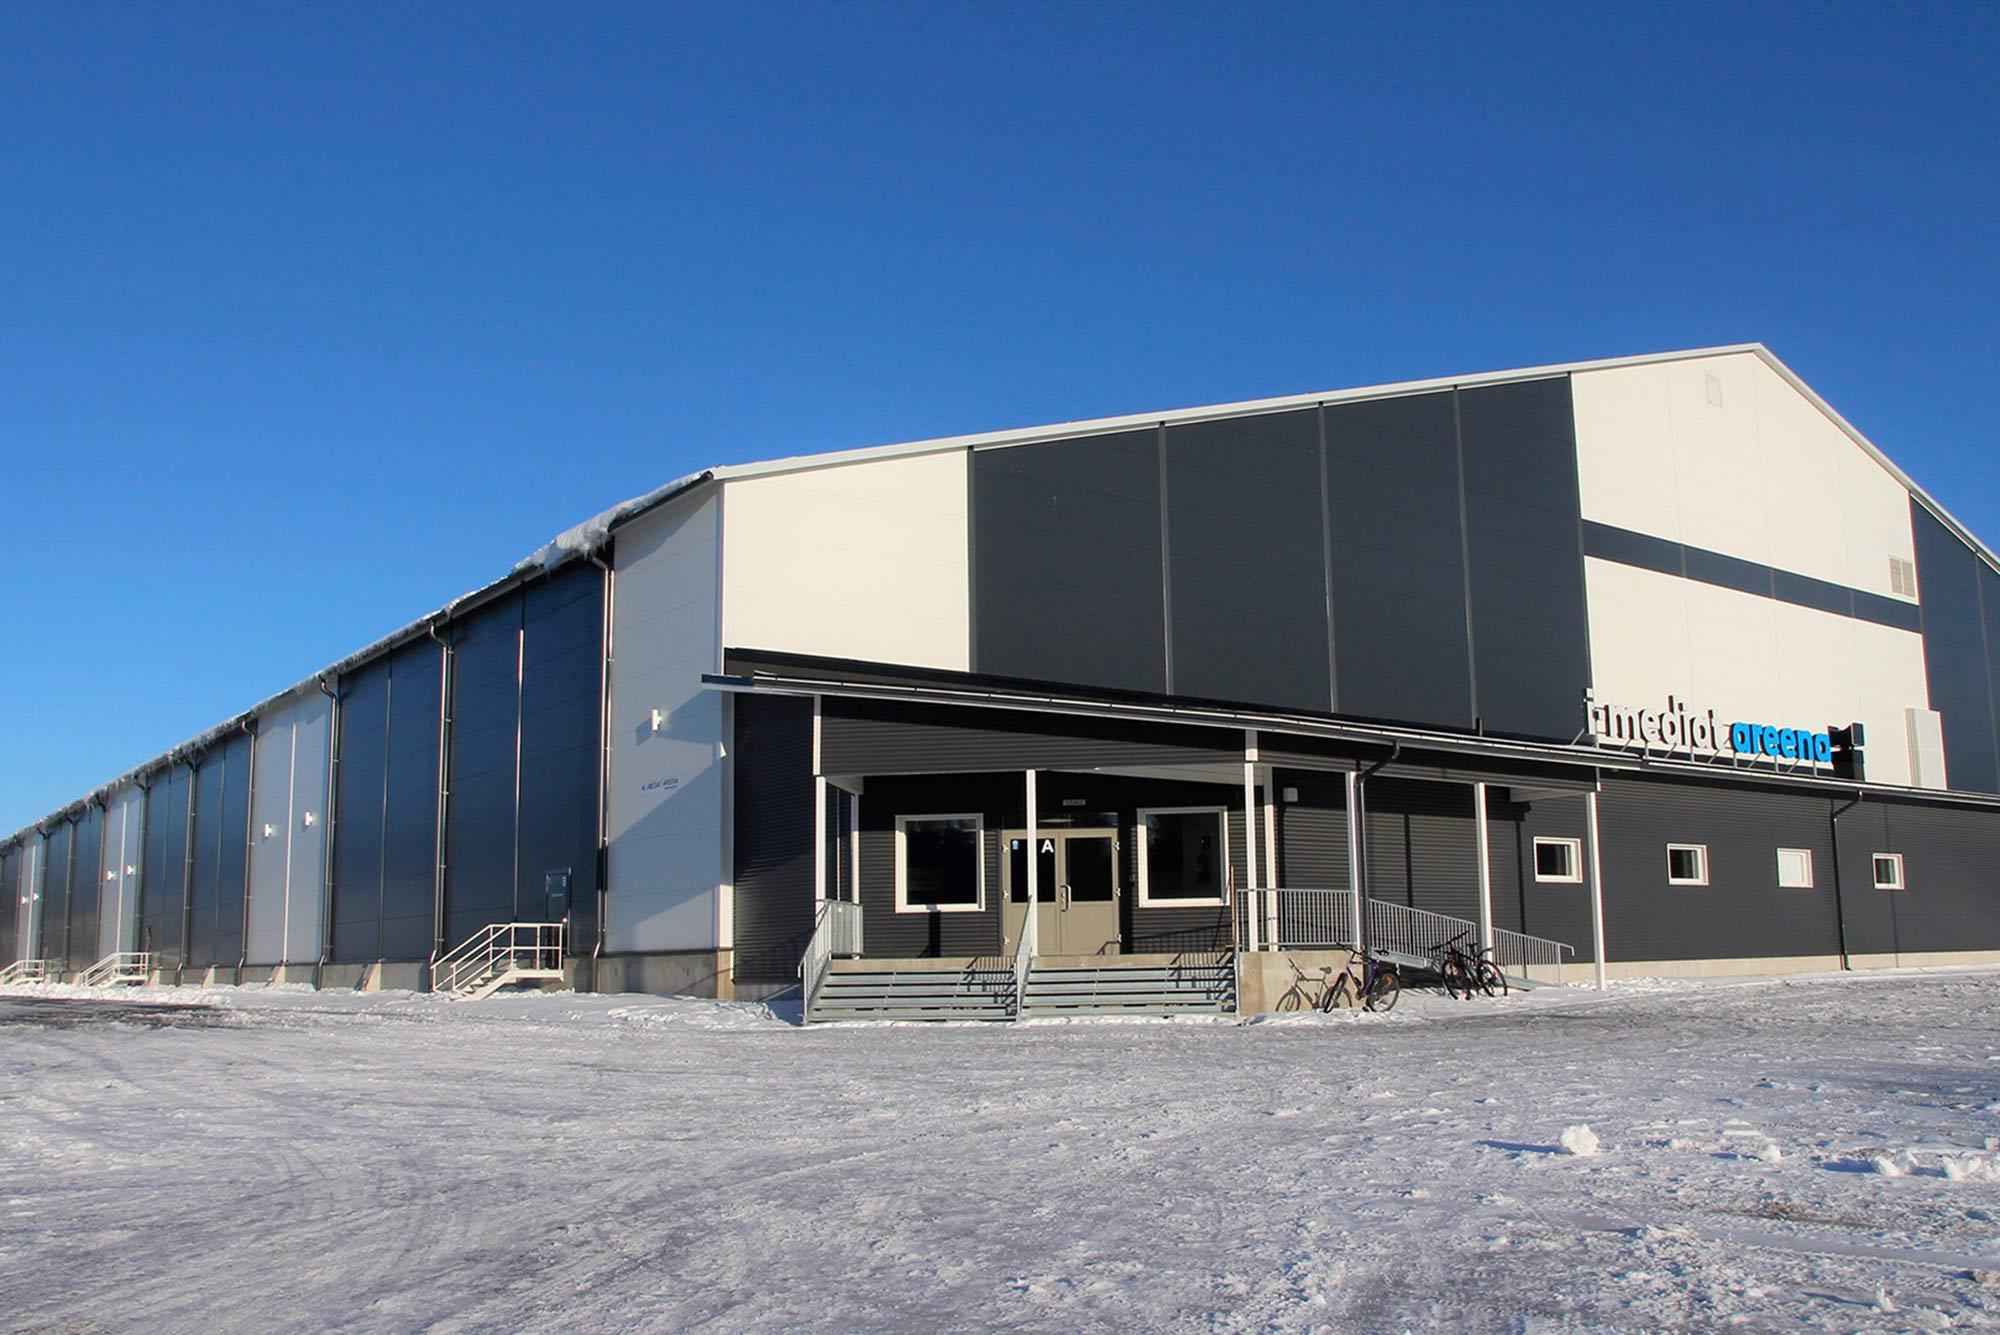 Suomen suurin palloiluhalli I-Mediat -areena Kuortaneen Urheiluopistolla. Trutec Oy:n rakennusprojektiin sisältyi rakennesuunnittelu, teräsrakenteiden ja kuorien toimitus sekä asennus.